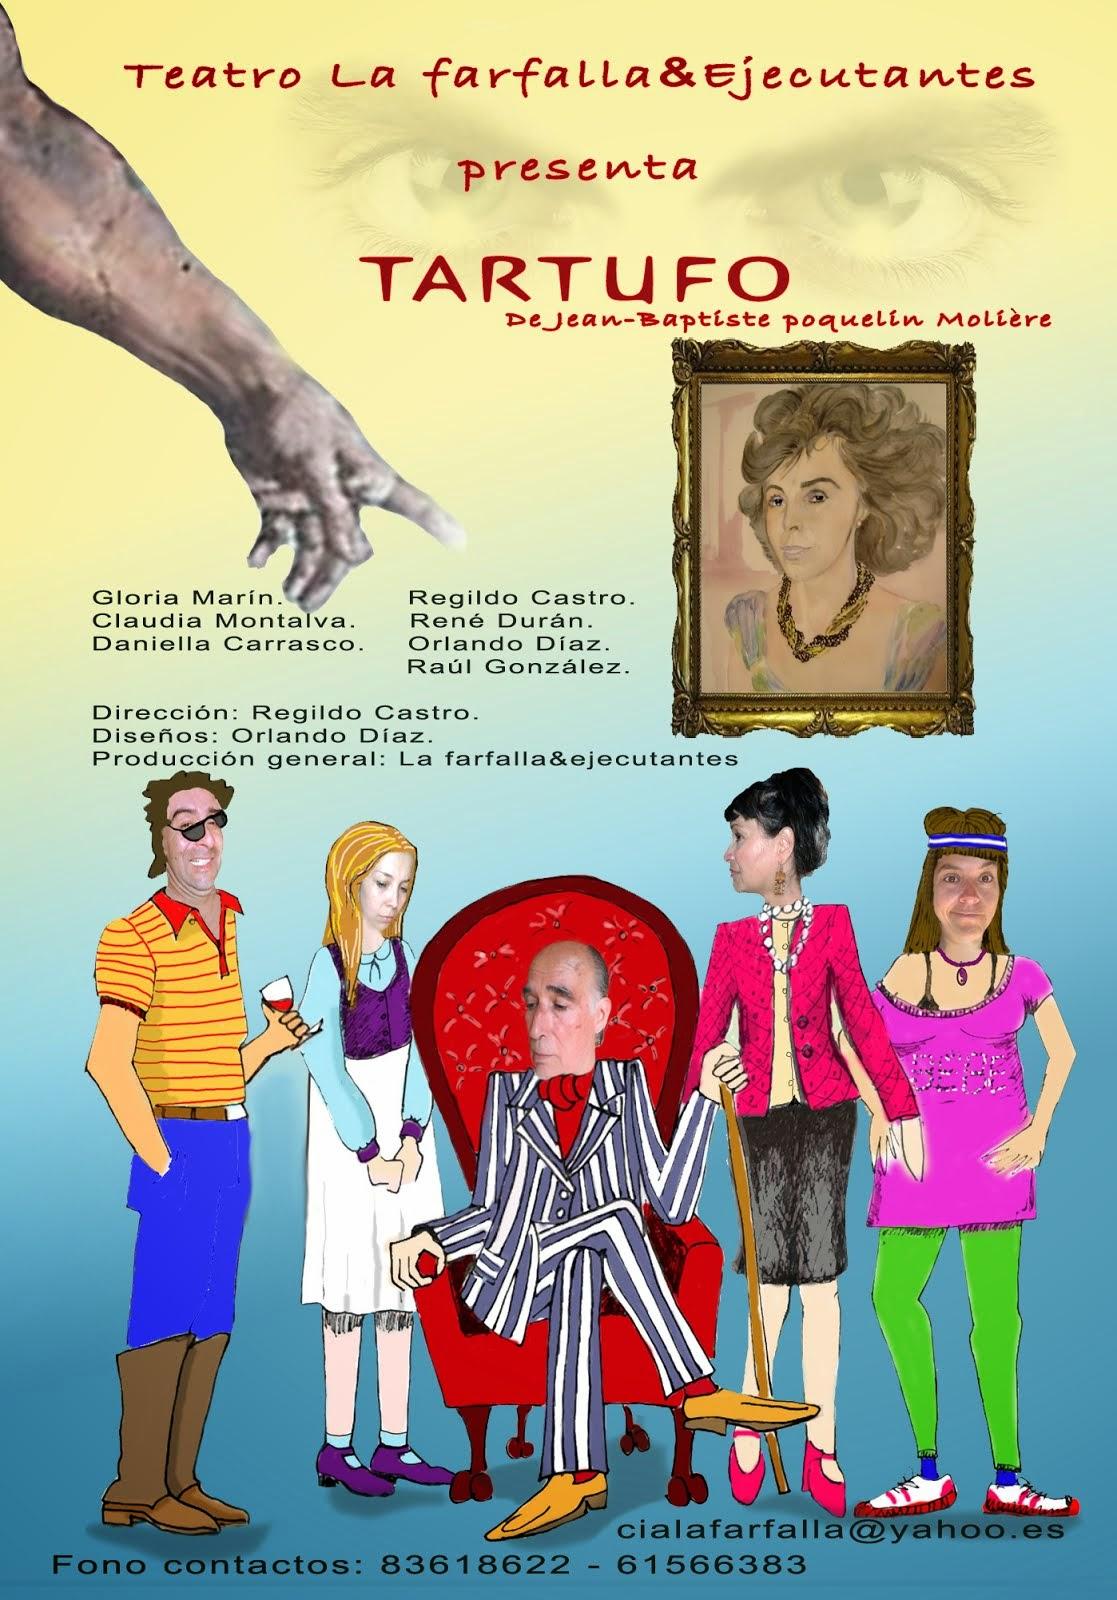 Obra Tartufo